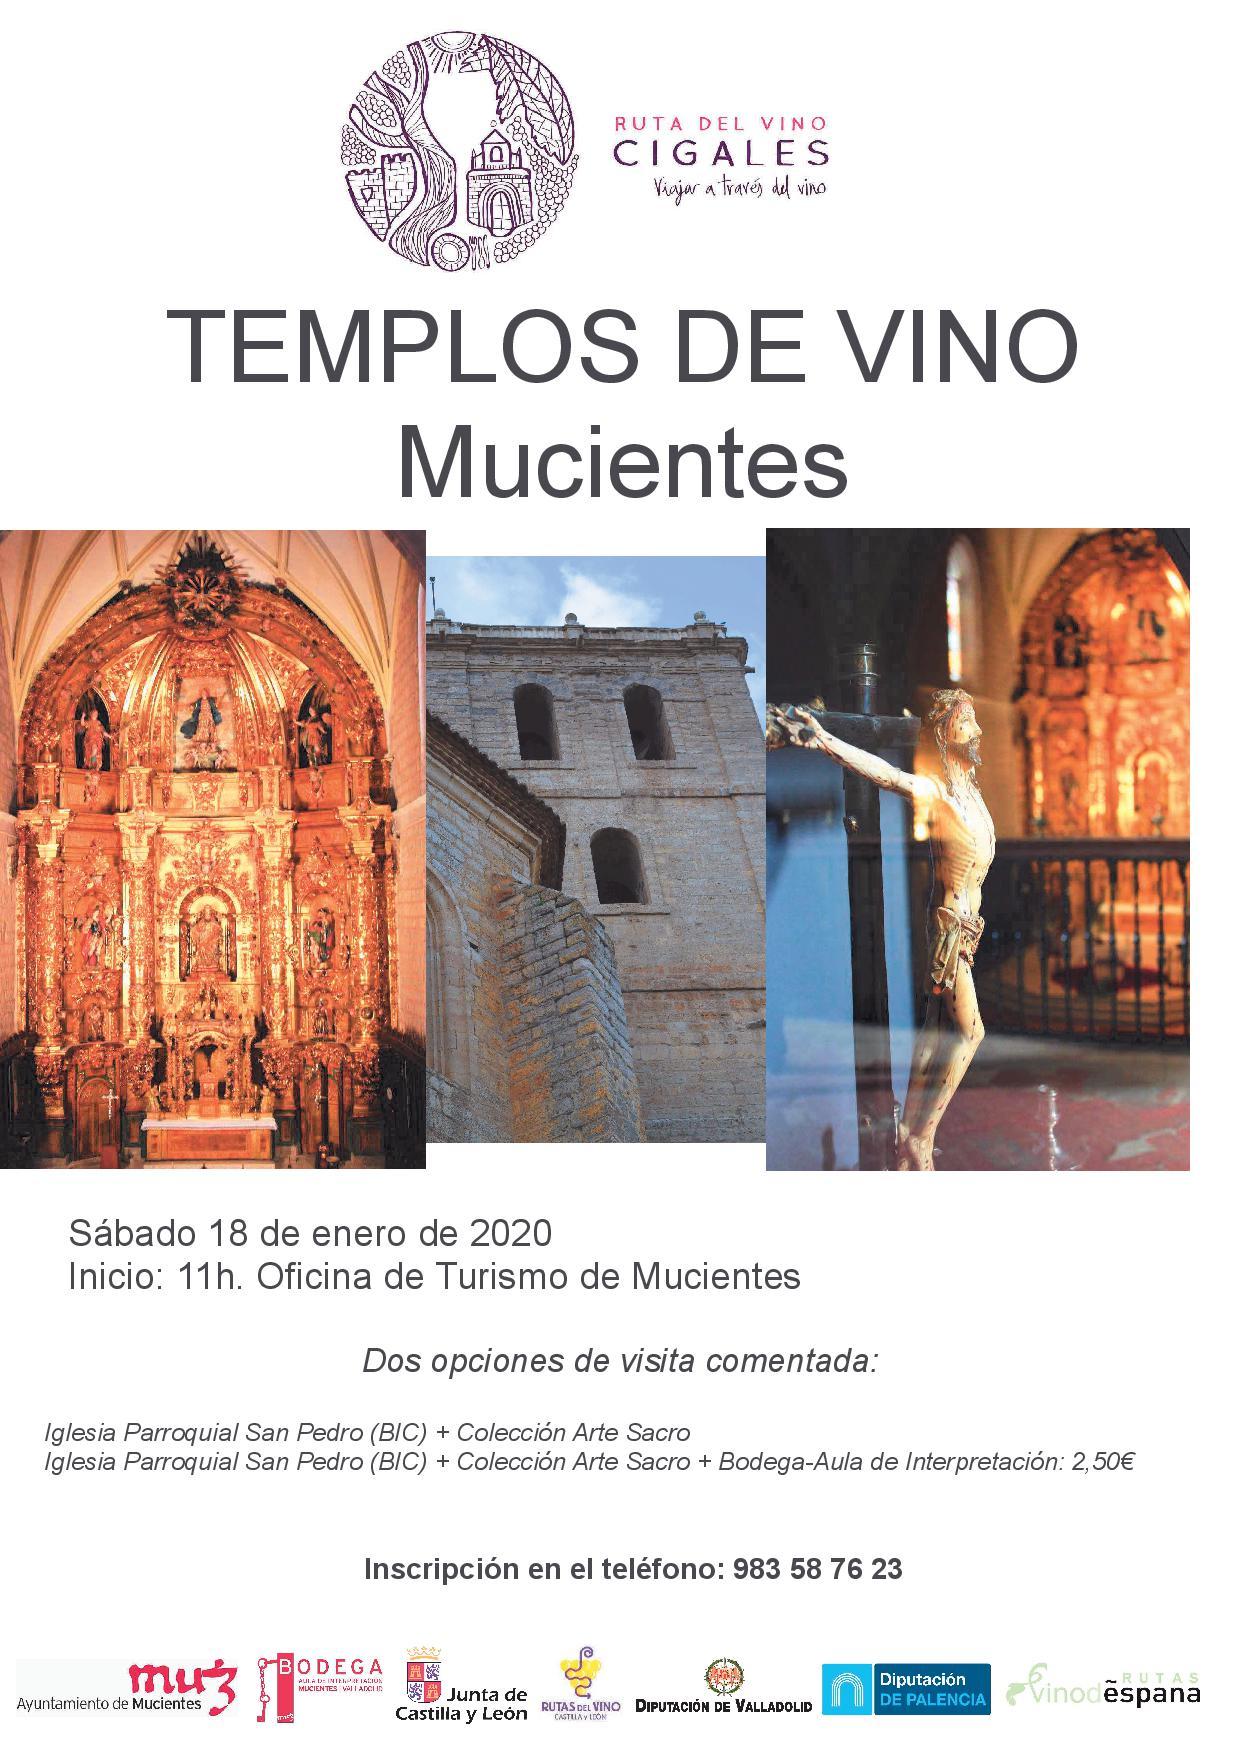 templos del vino mucientes